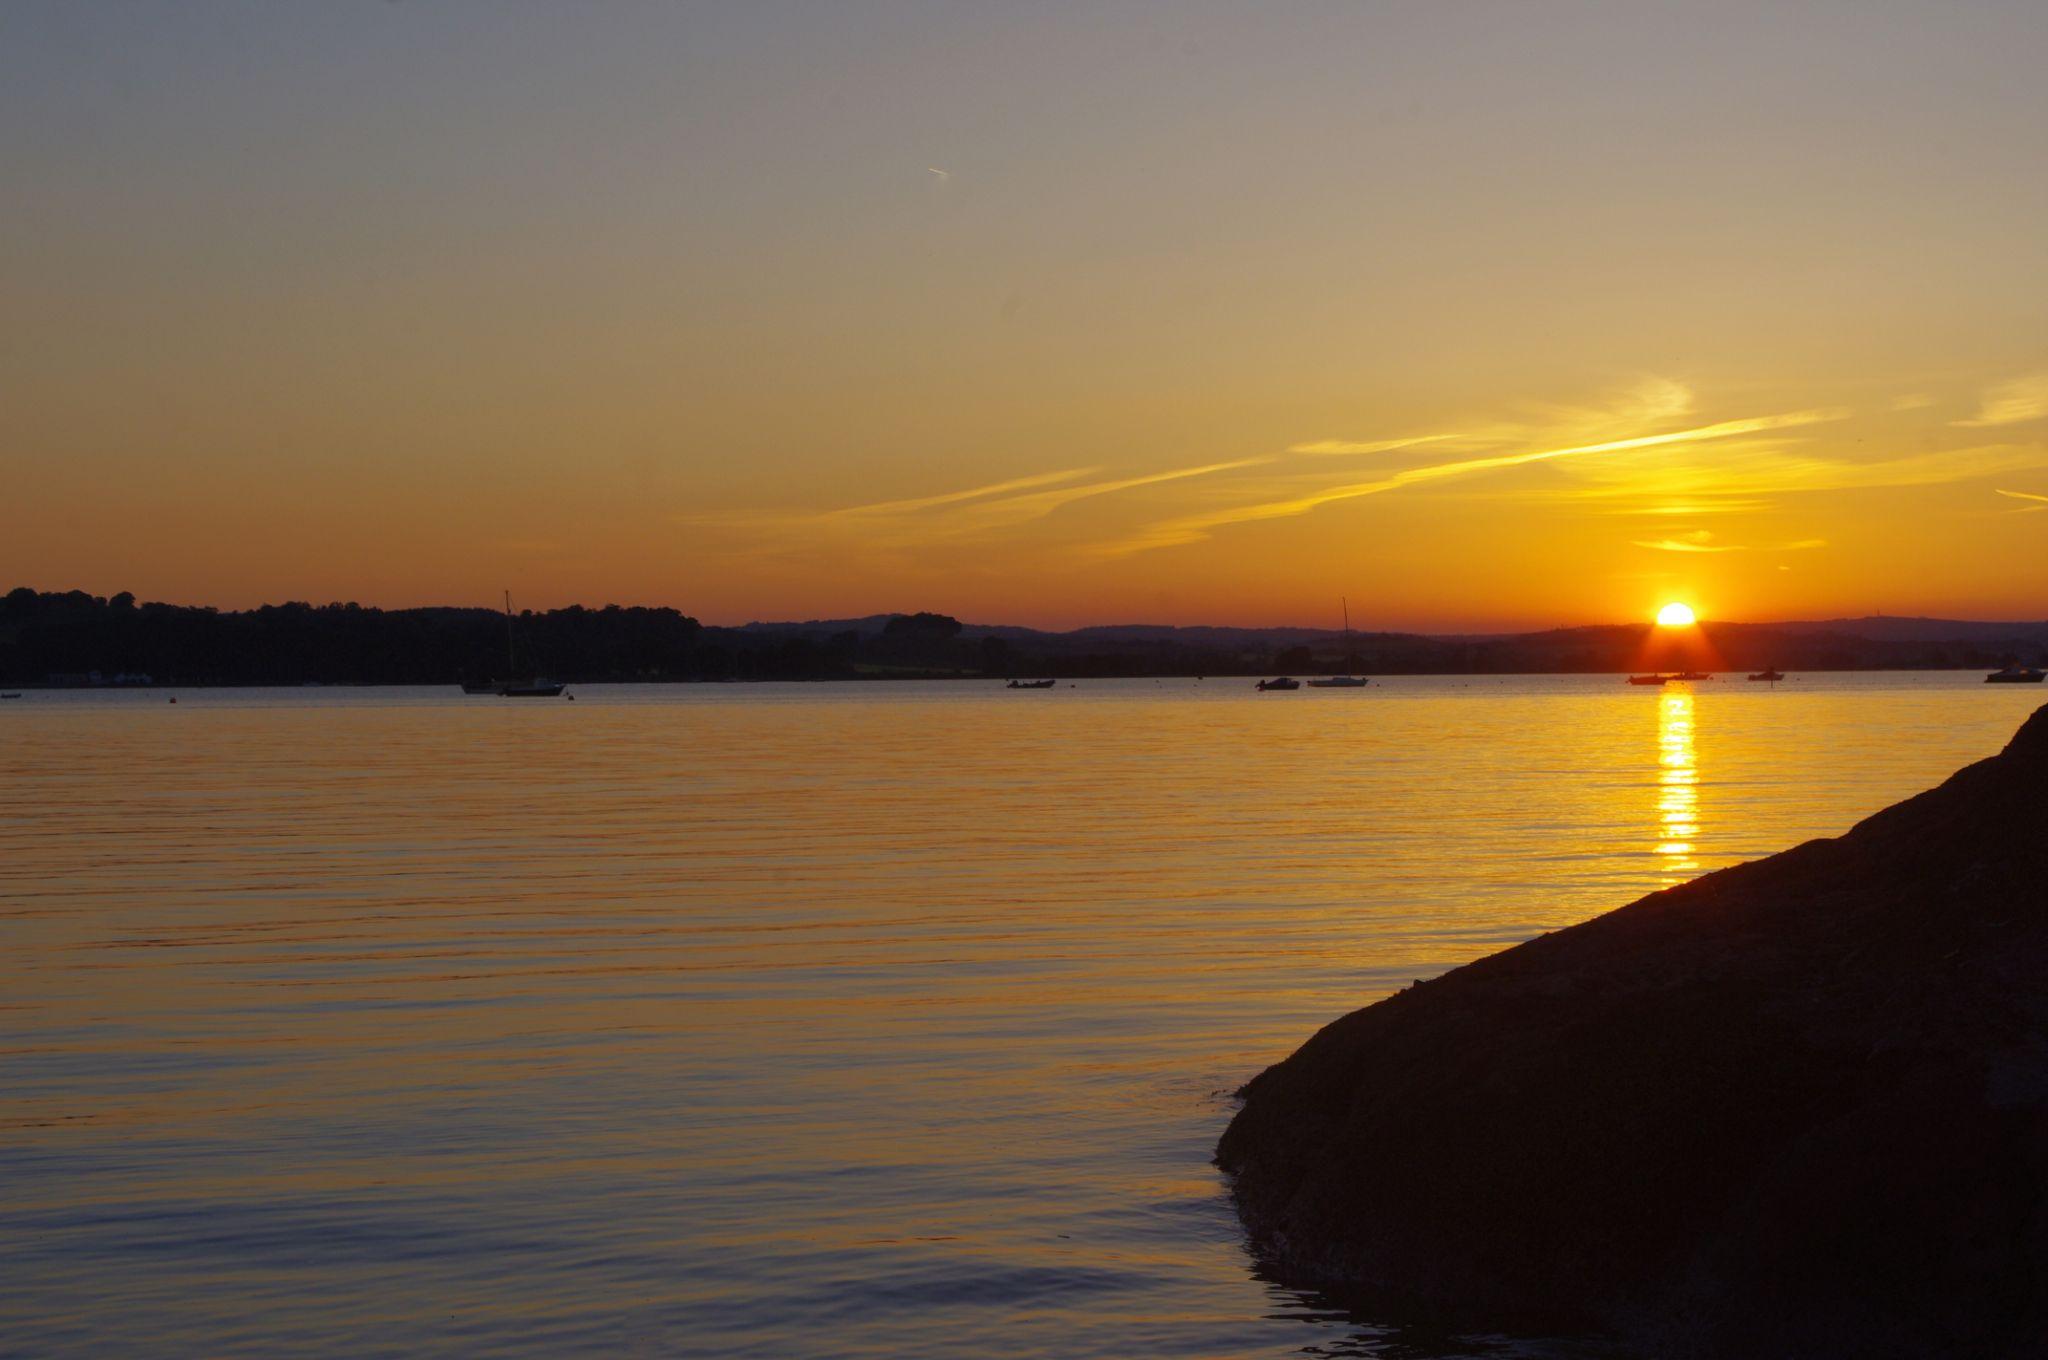 Sun set by tom salt